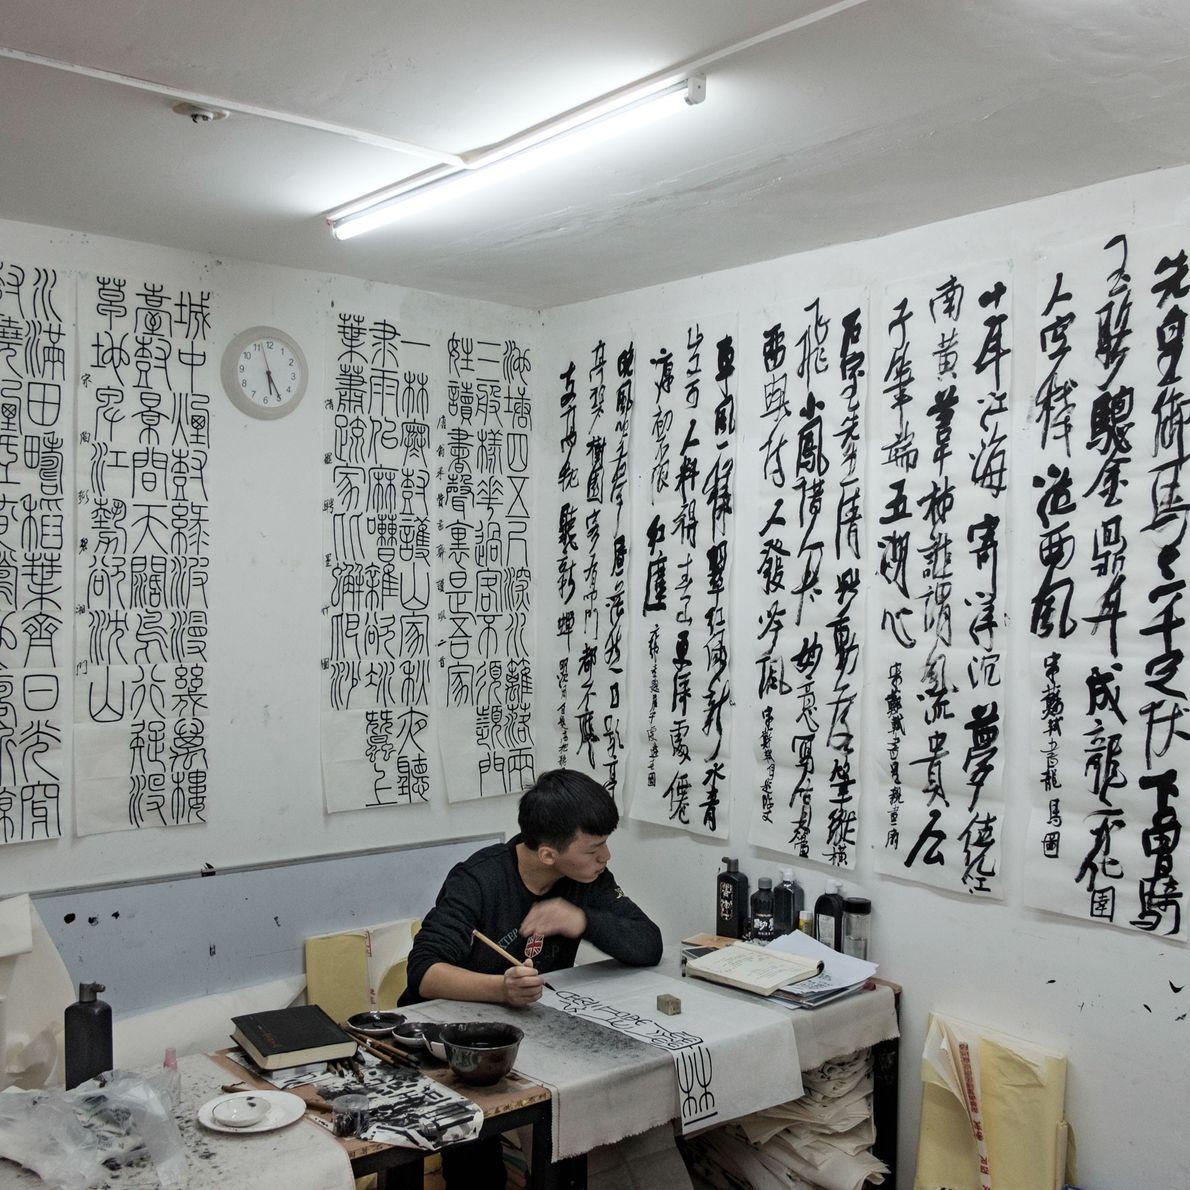 Un estudiante practica caligrafía